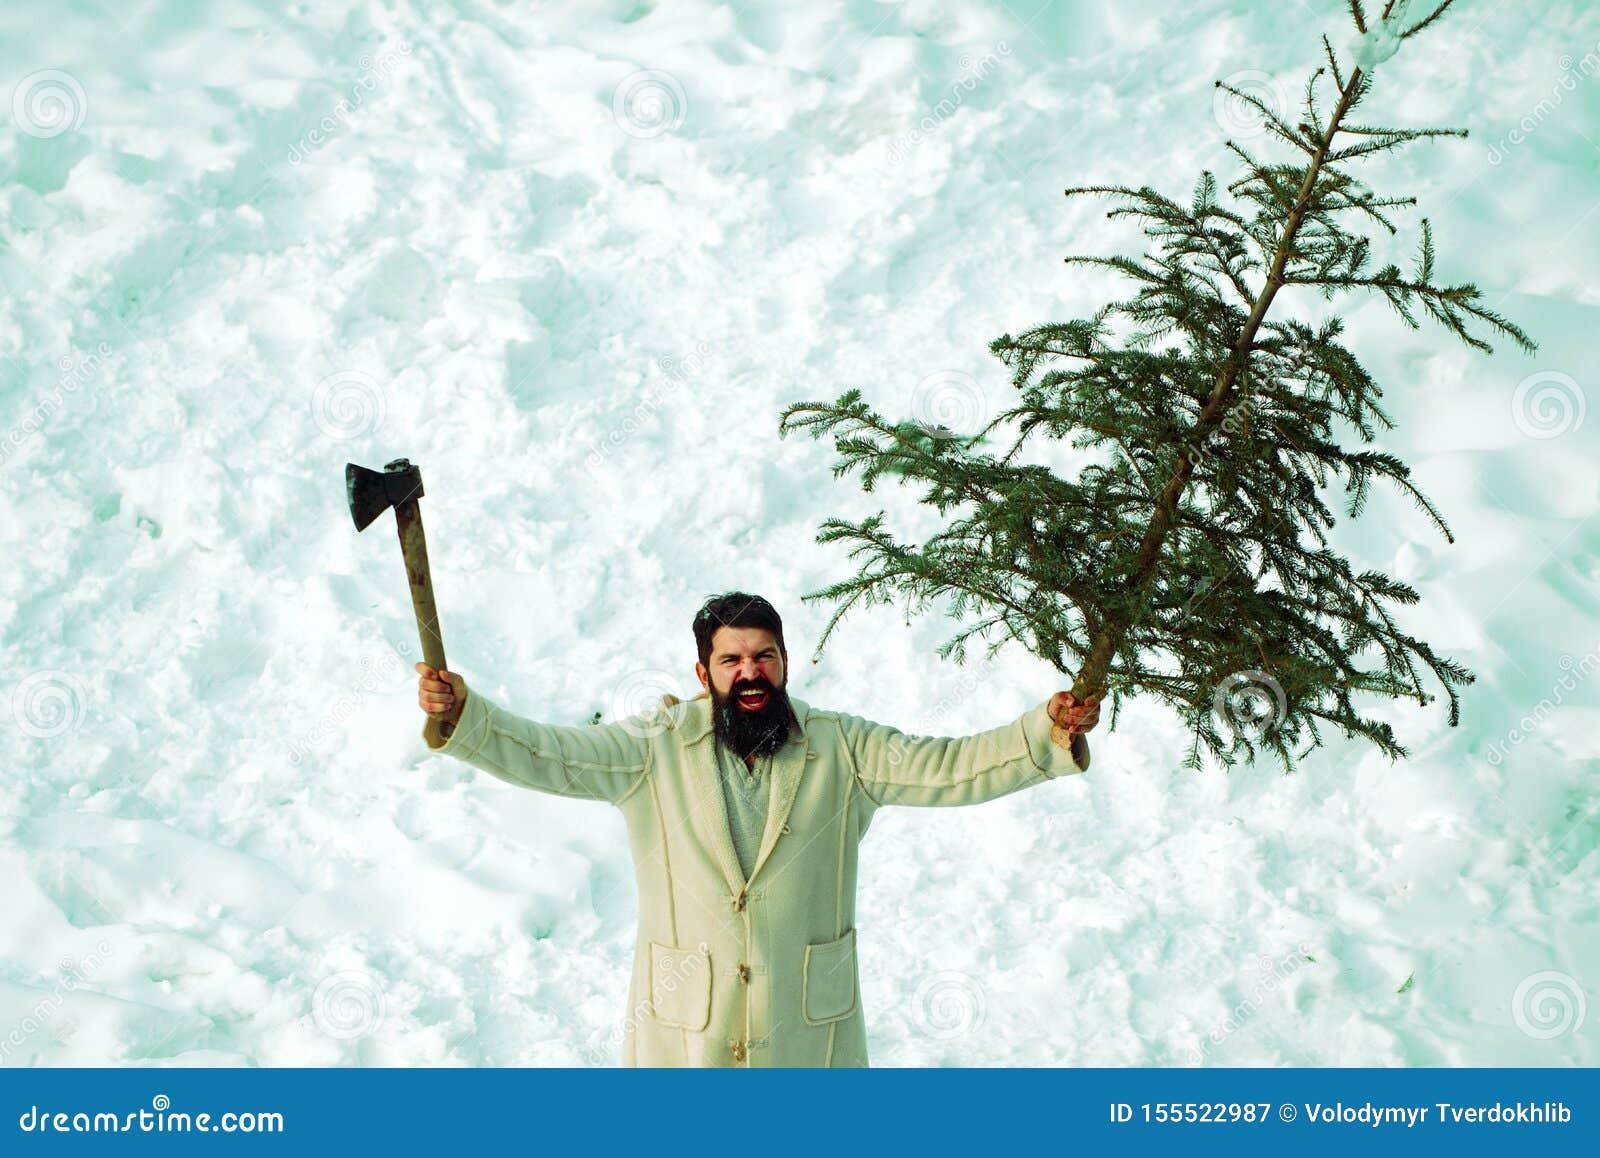 Zakup i dostawa conifer na wigilii Zimy emocja Przystojny młody człowiek z brodą niesie boże narodzenia